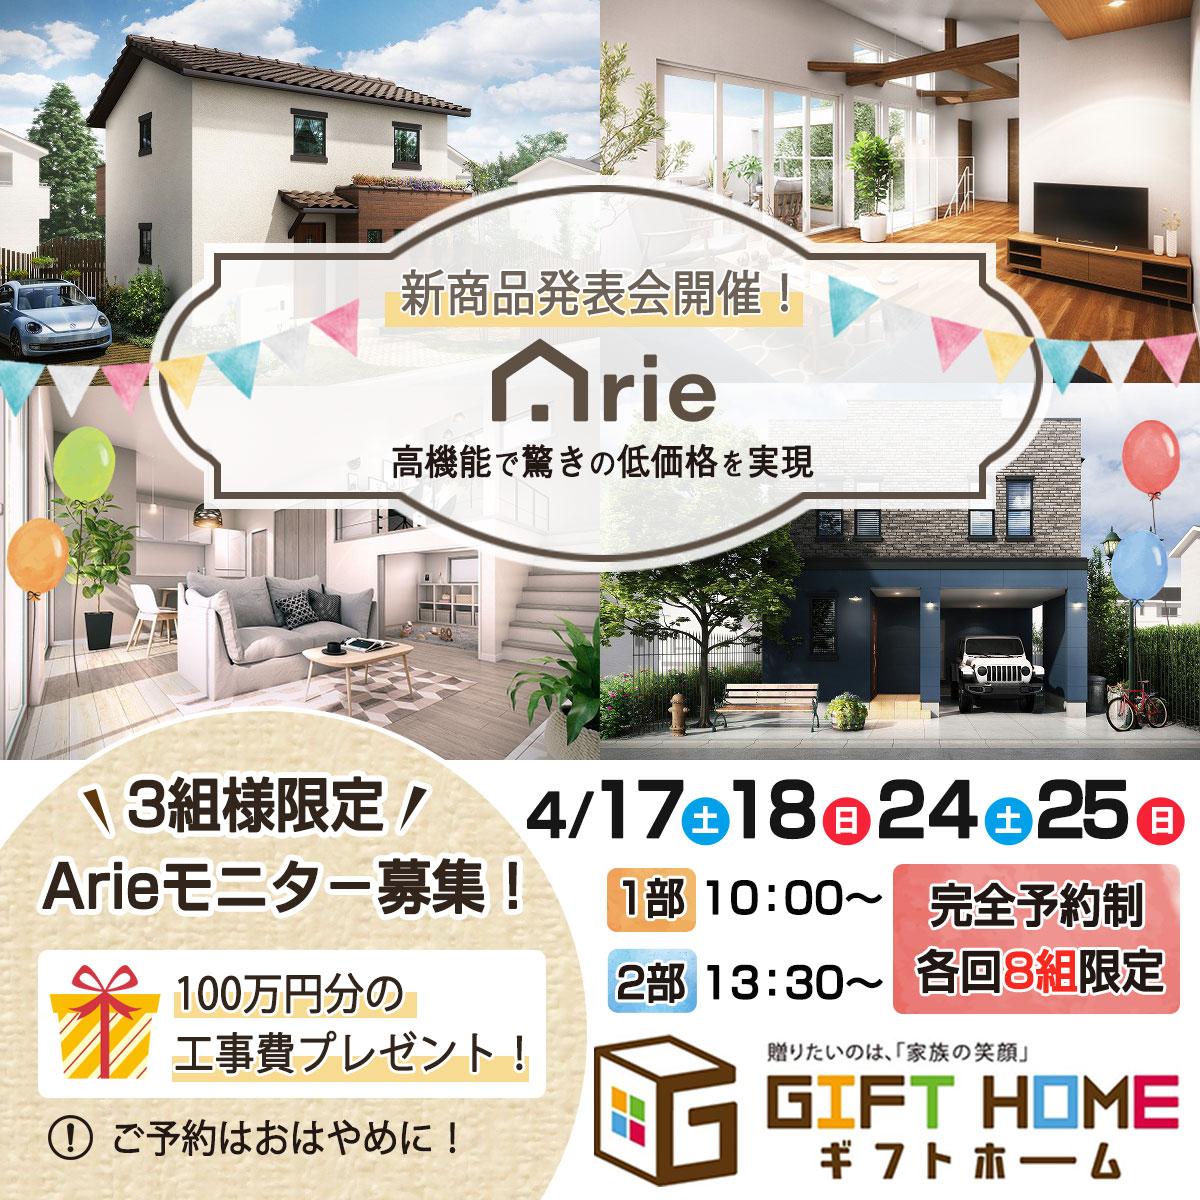 4/17.18.24.25開催 新商品発表会